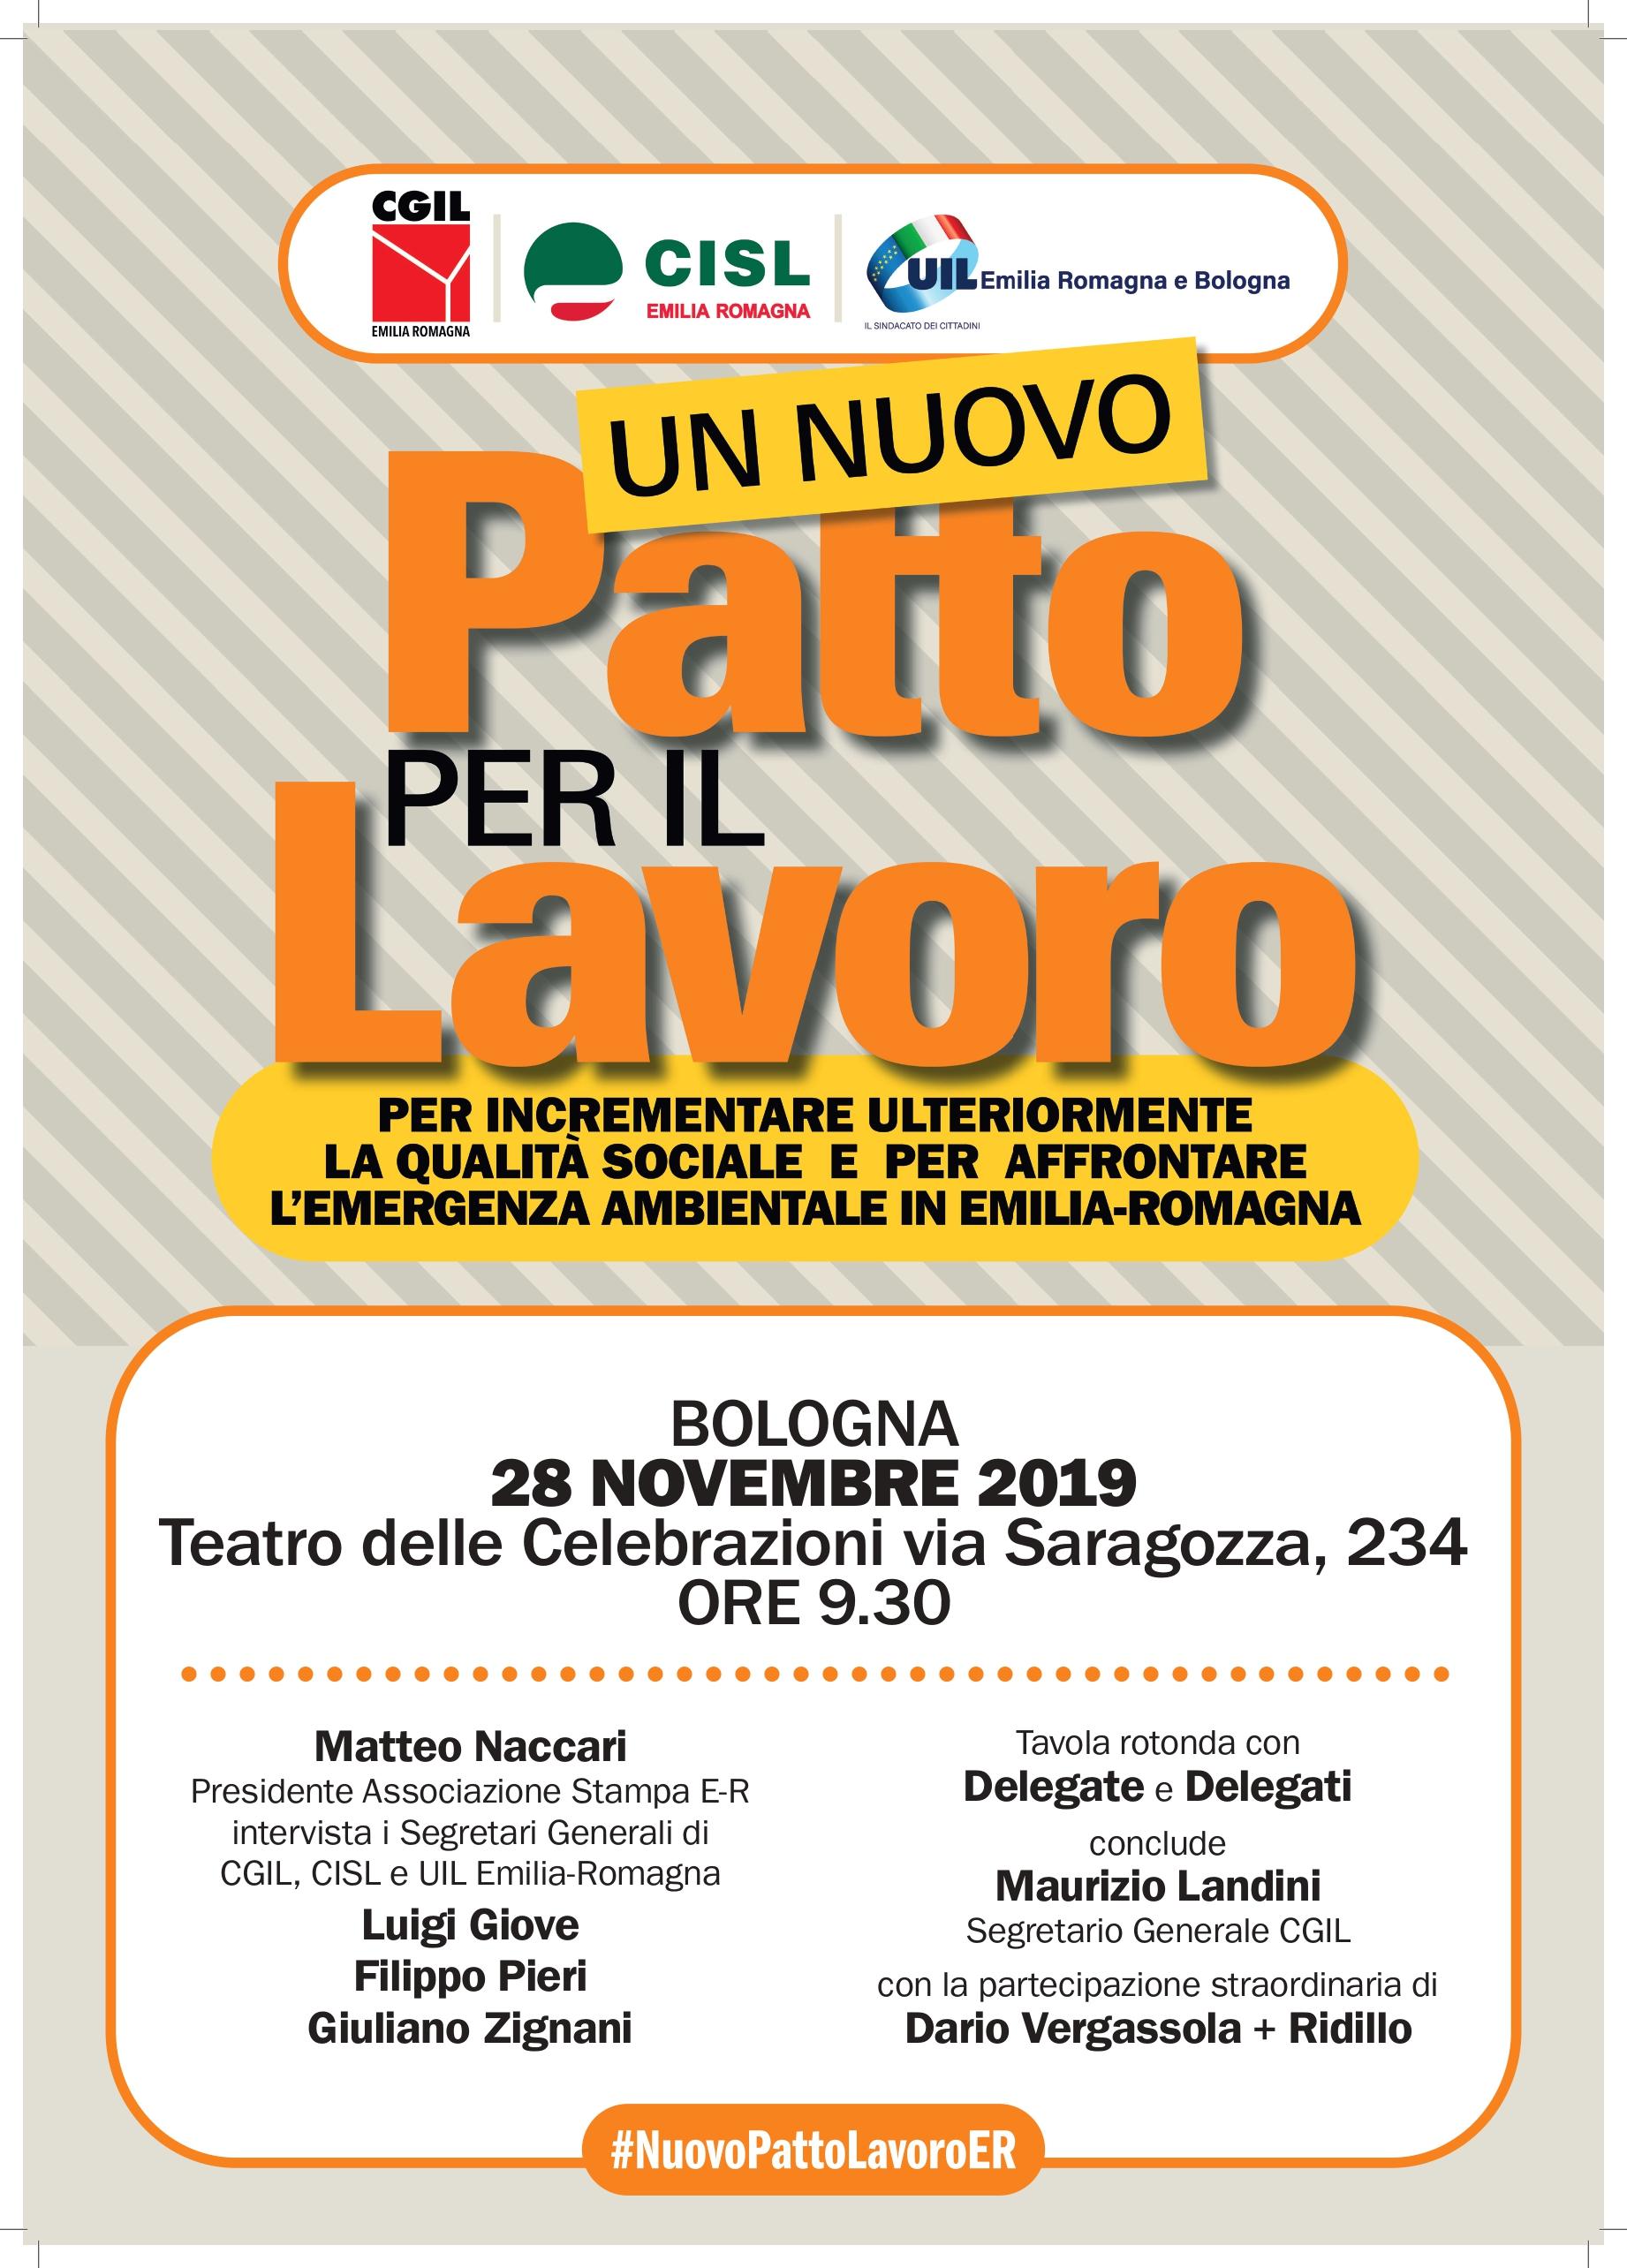 Un nuovo Patto per il Lavoro: Cgil, Cisl, Uil a Bologna giovedì 28 novembre